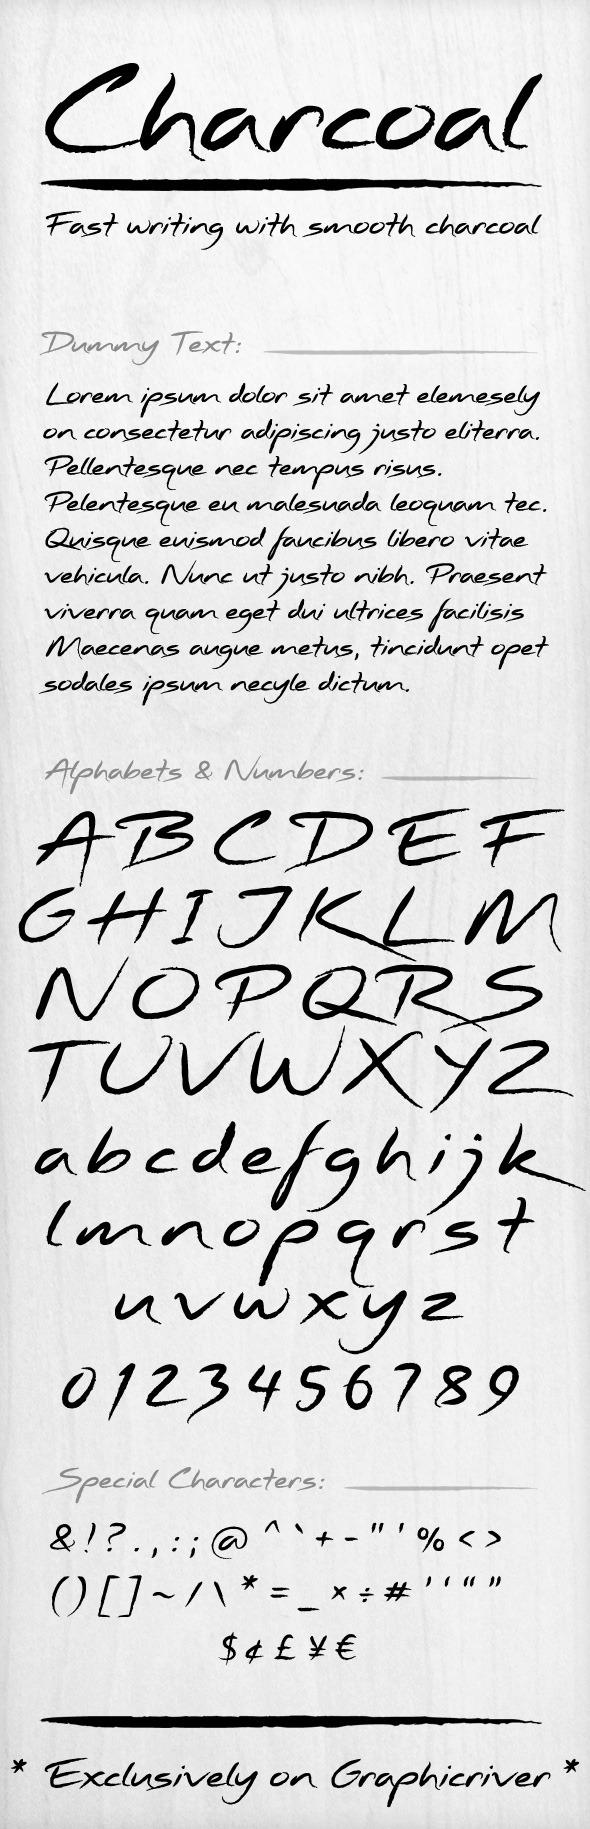 Charcoal Font - Hand-writing Script